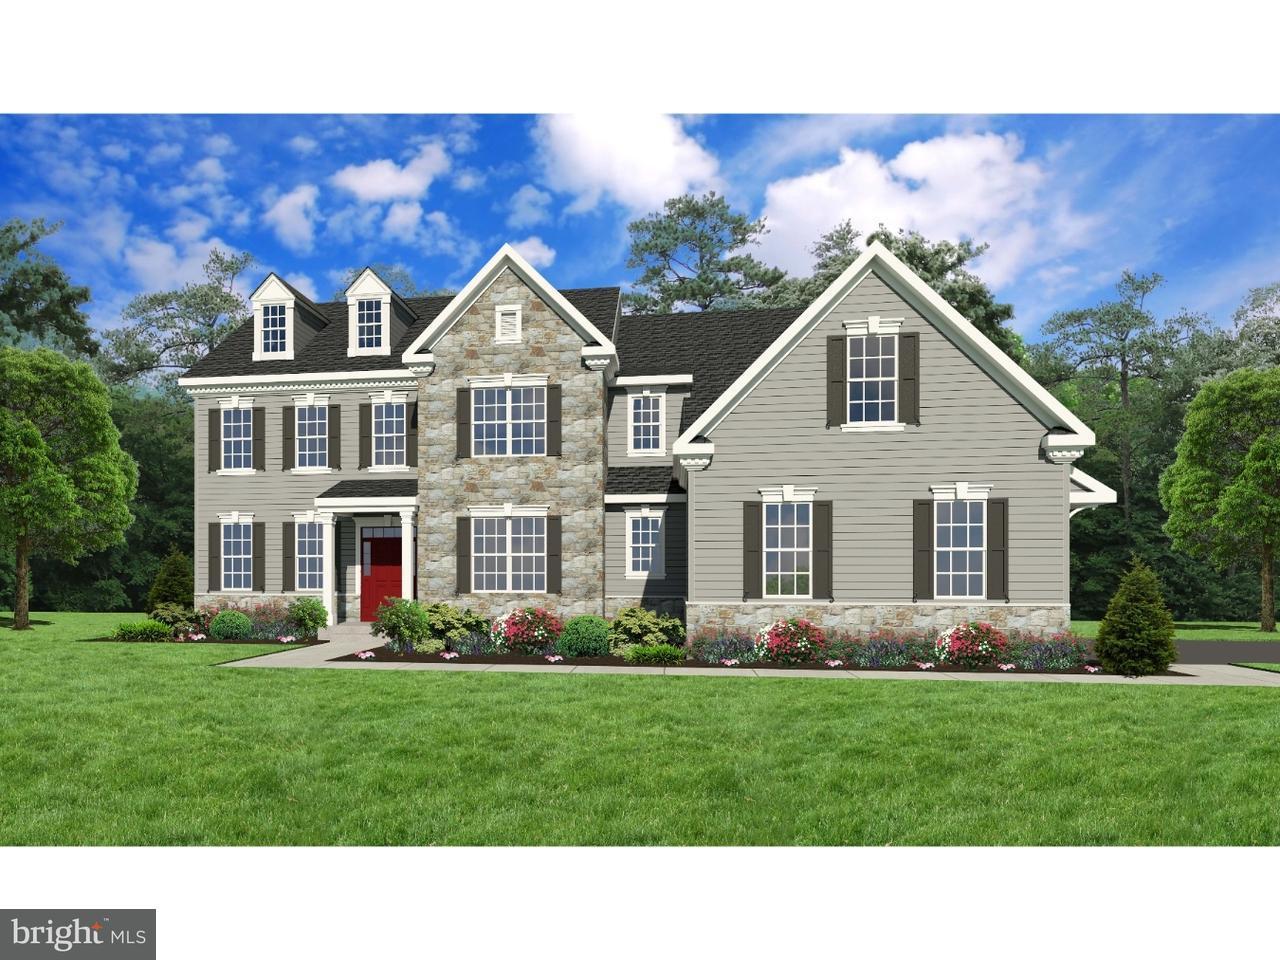 Частный односемейный дом для того Продажа на LOT #2 BENNETT Place Wrightstown, Пенсильвания 18966 Соединенные Штаты